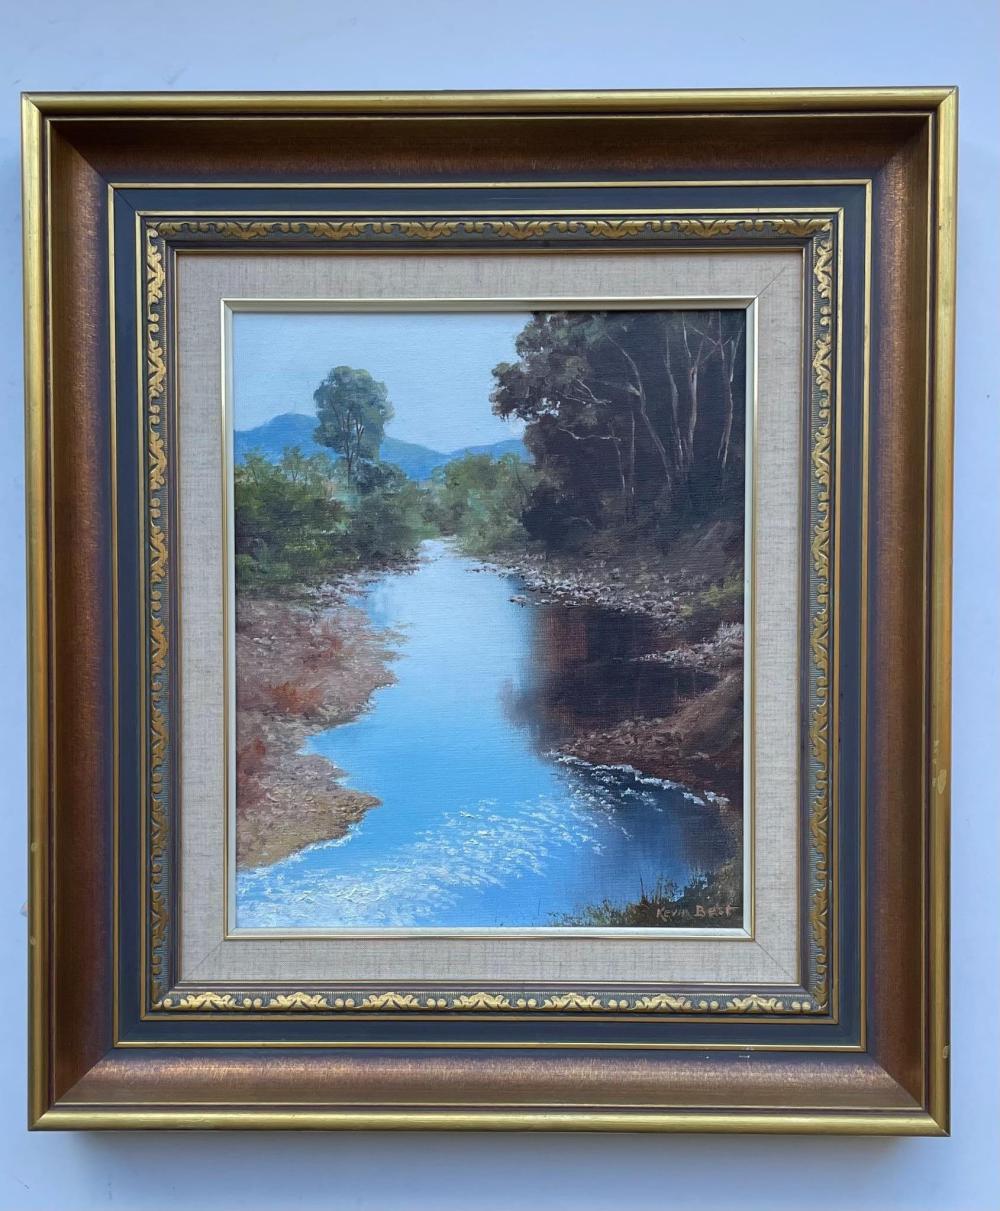 Kevin Best, Australian (1932-2012), My Favourite Place, (King Parrot Creek), oil on board